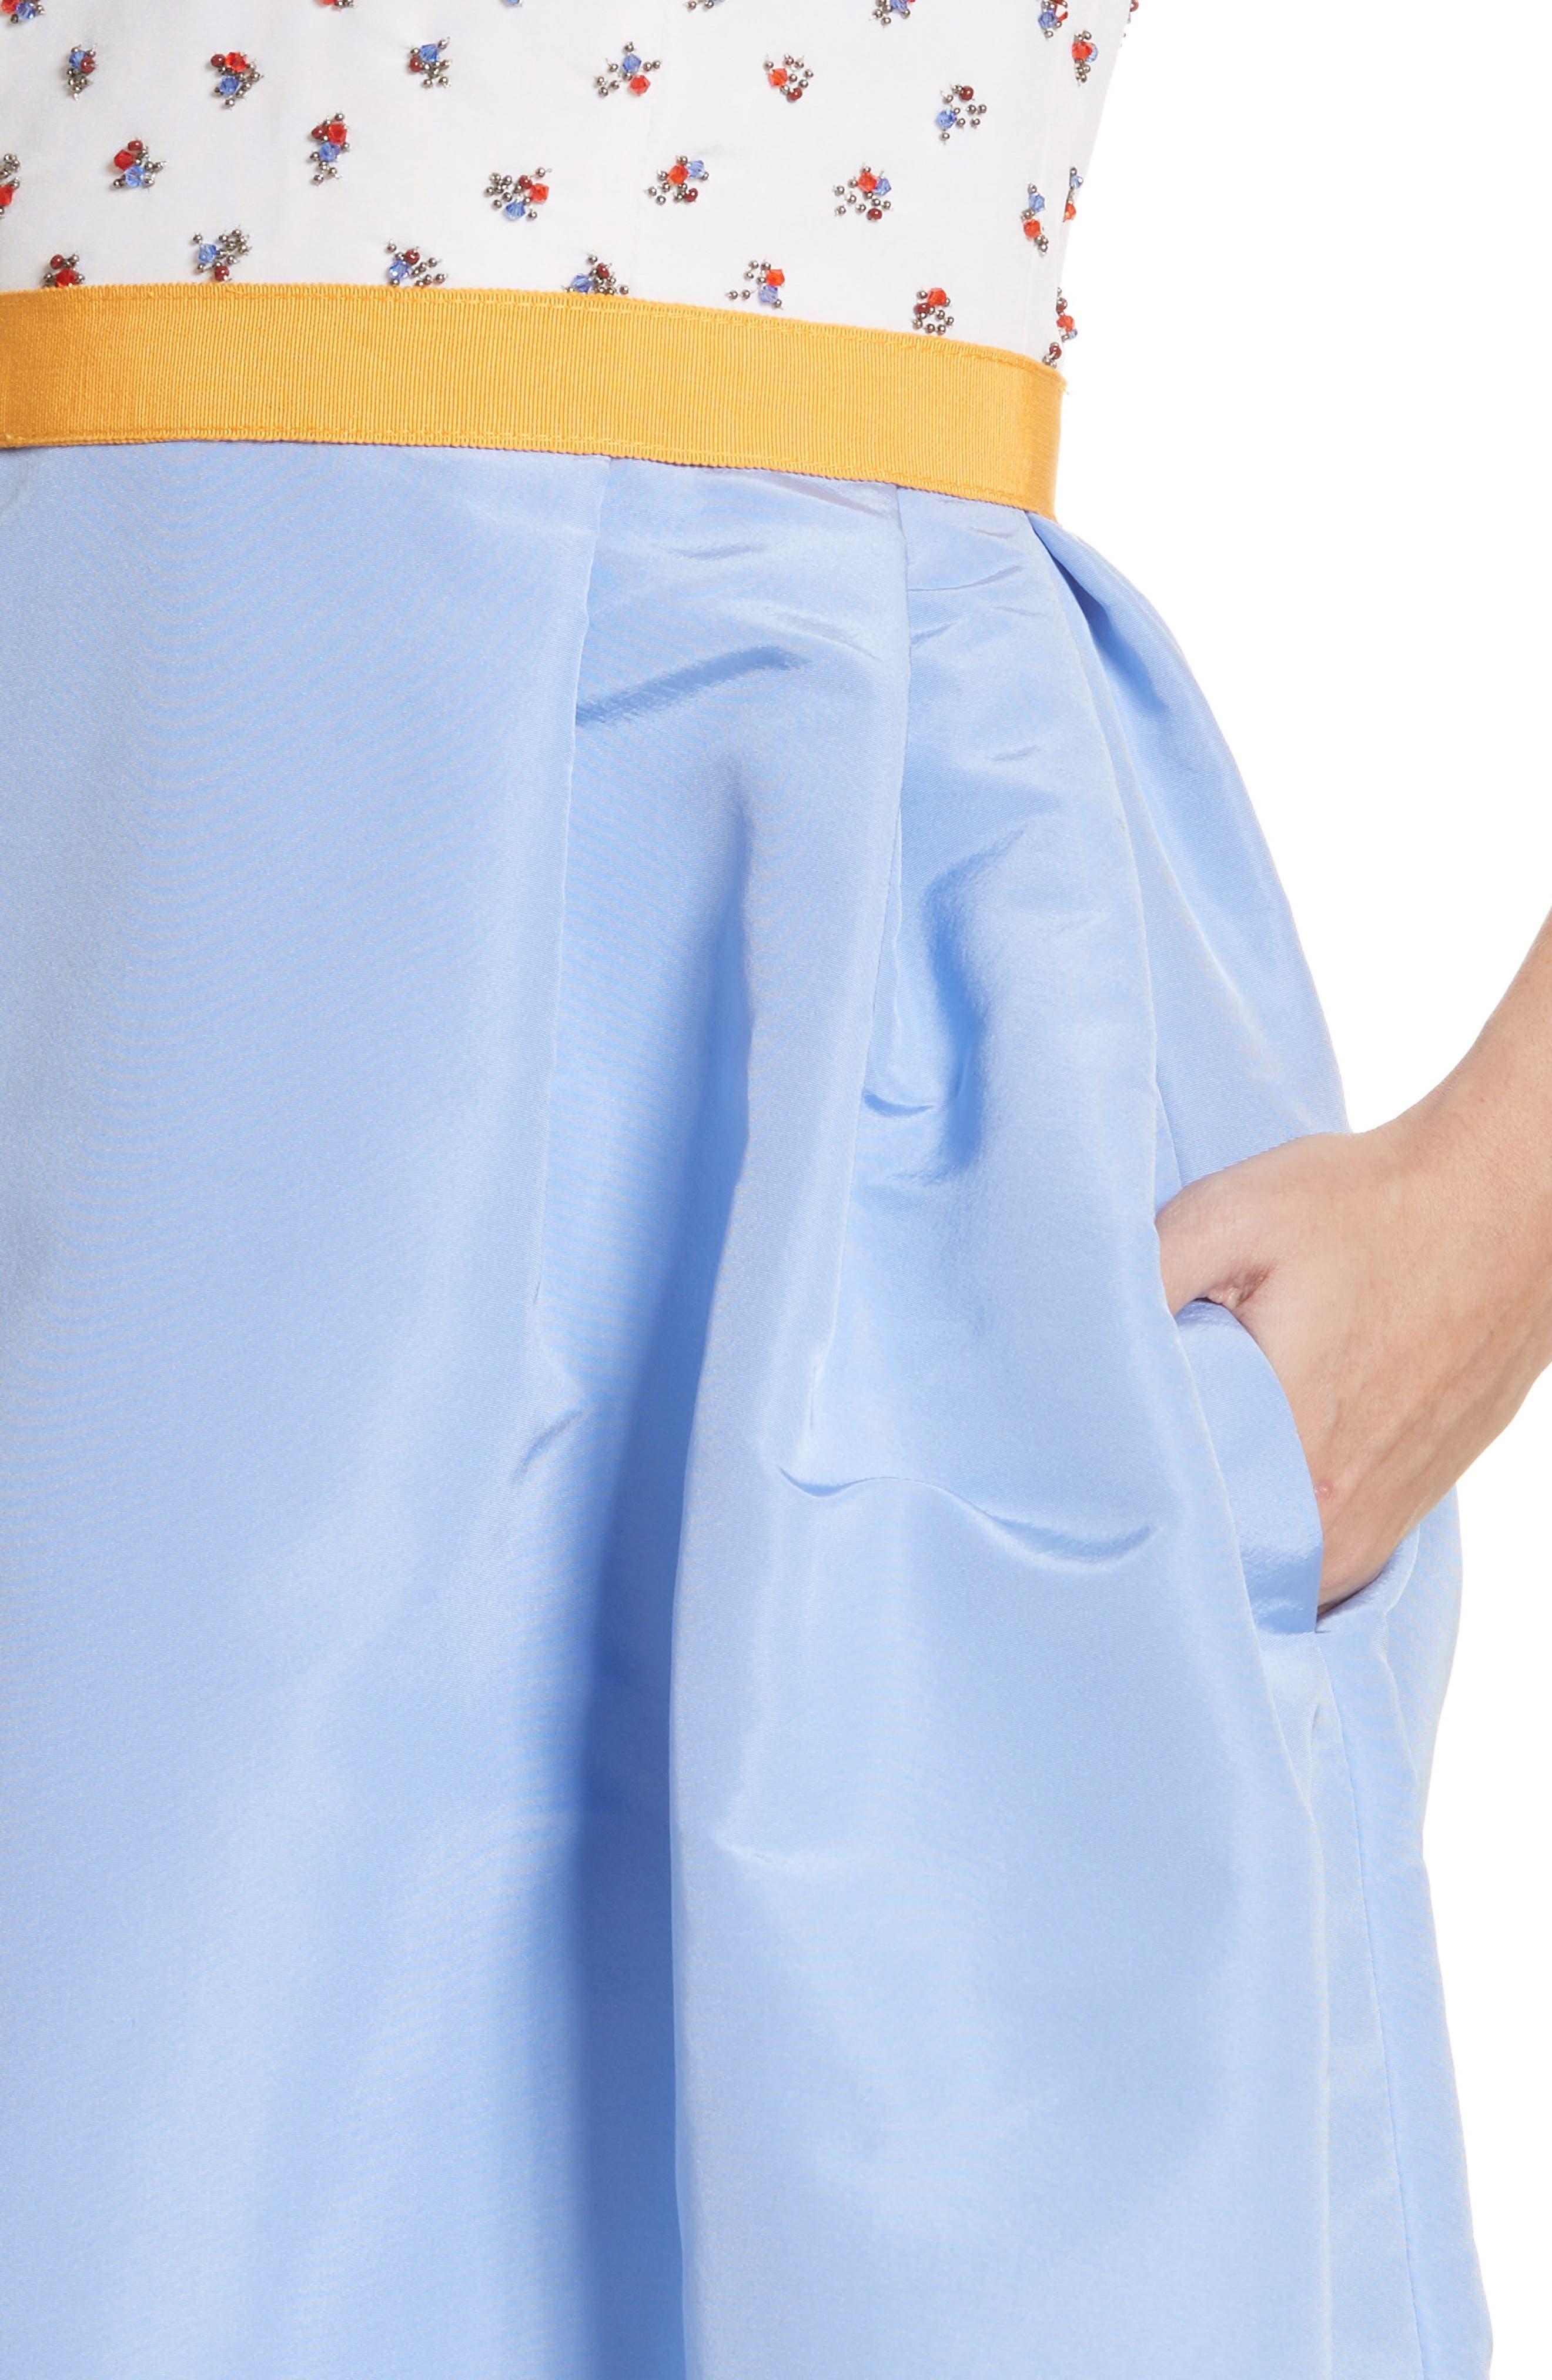 Beaded A-Line Silk Dress,                             Alternate thumbnail 4, color,                             White/ Cornflower